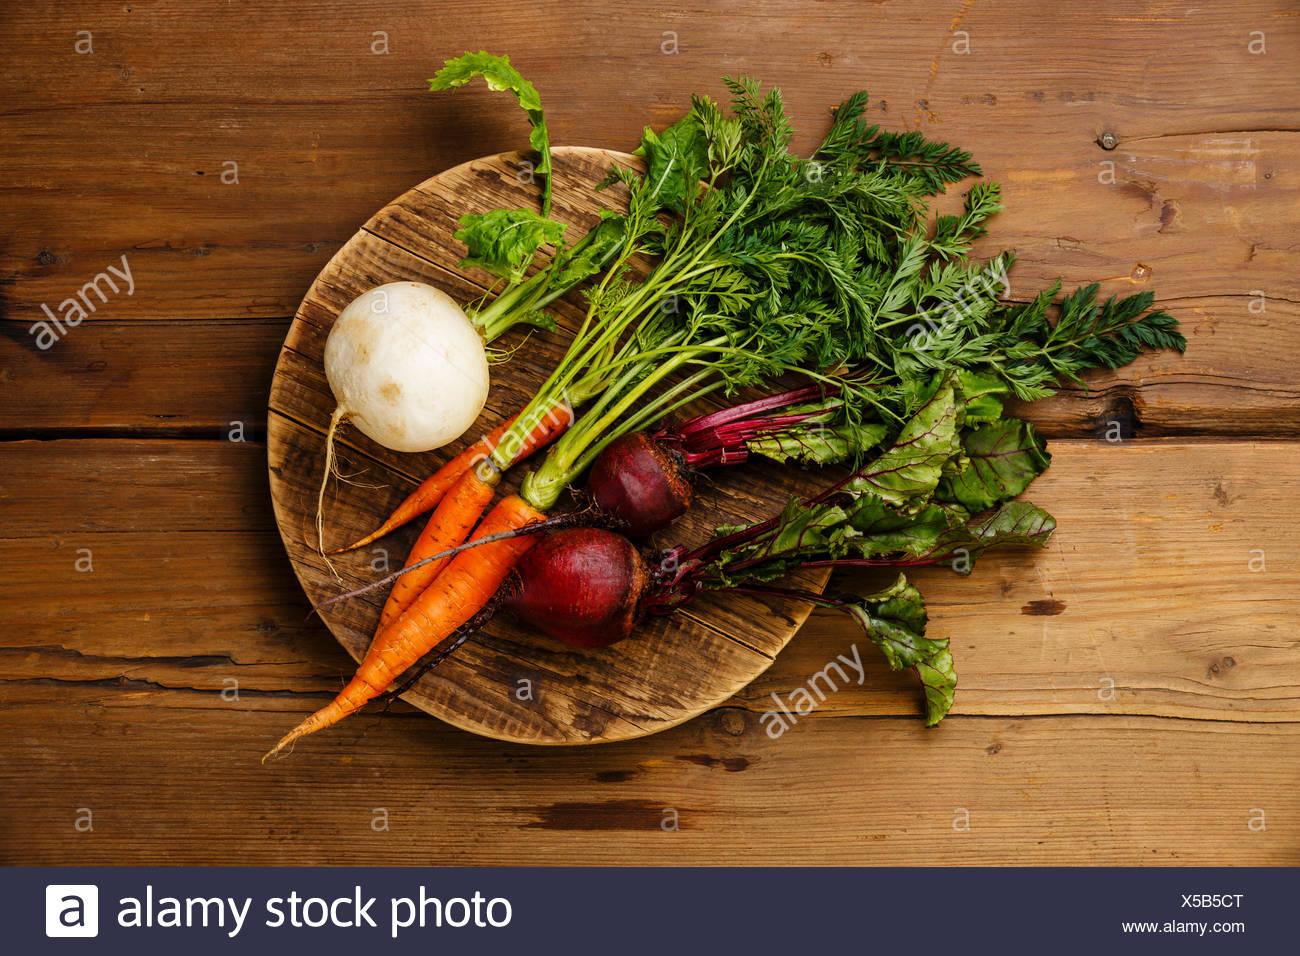 Ortaggi freschi carote, rape e bietole sul round tagliere su sfondo di legno Immagini Stock